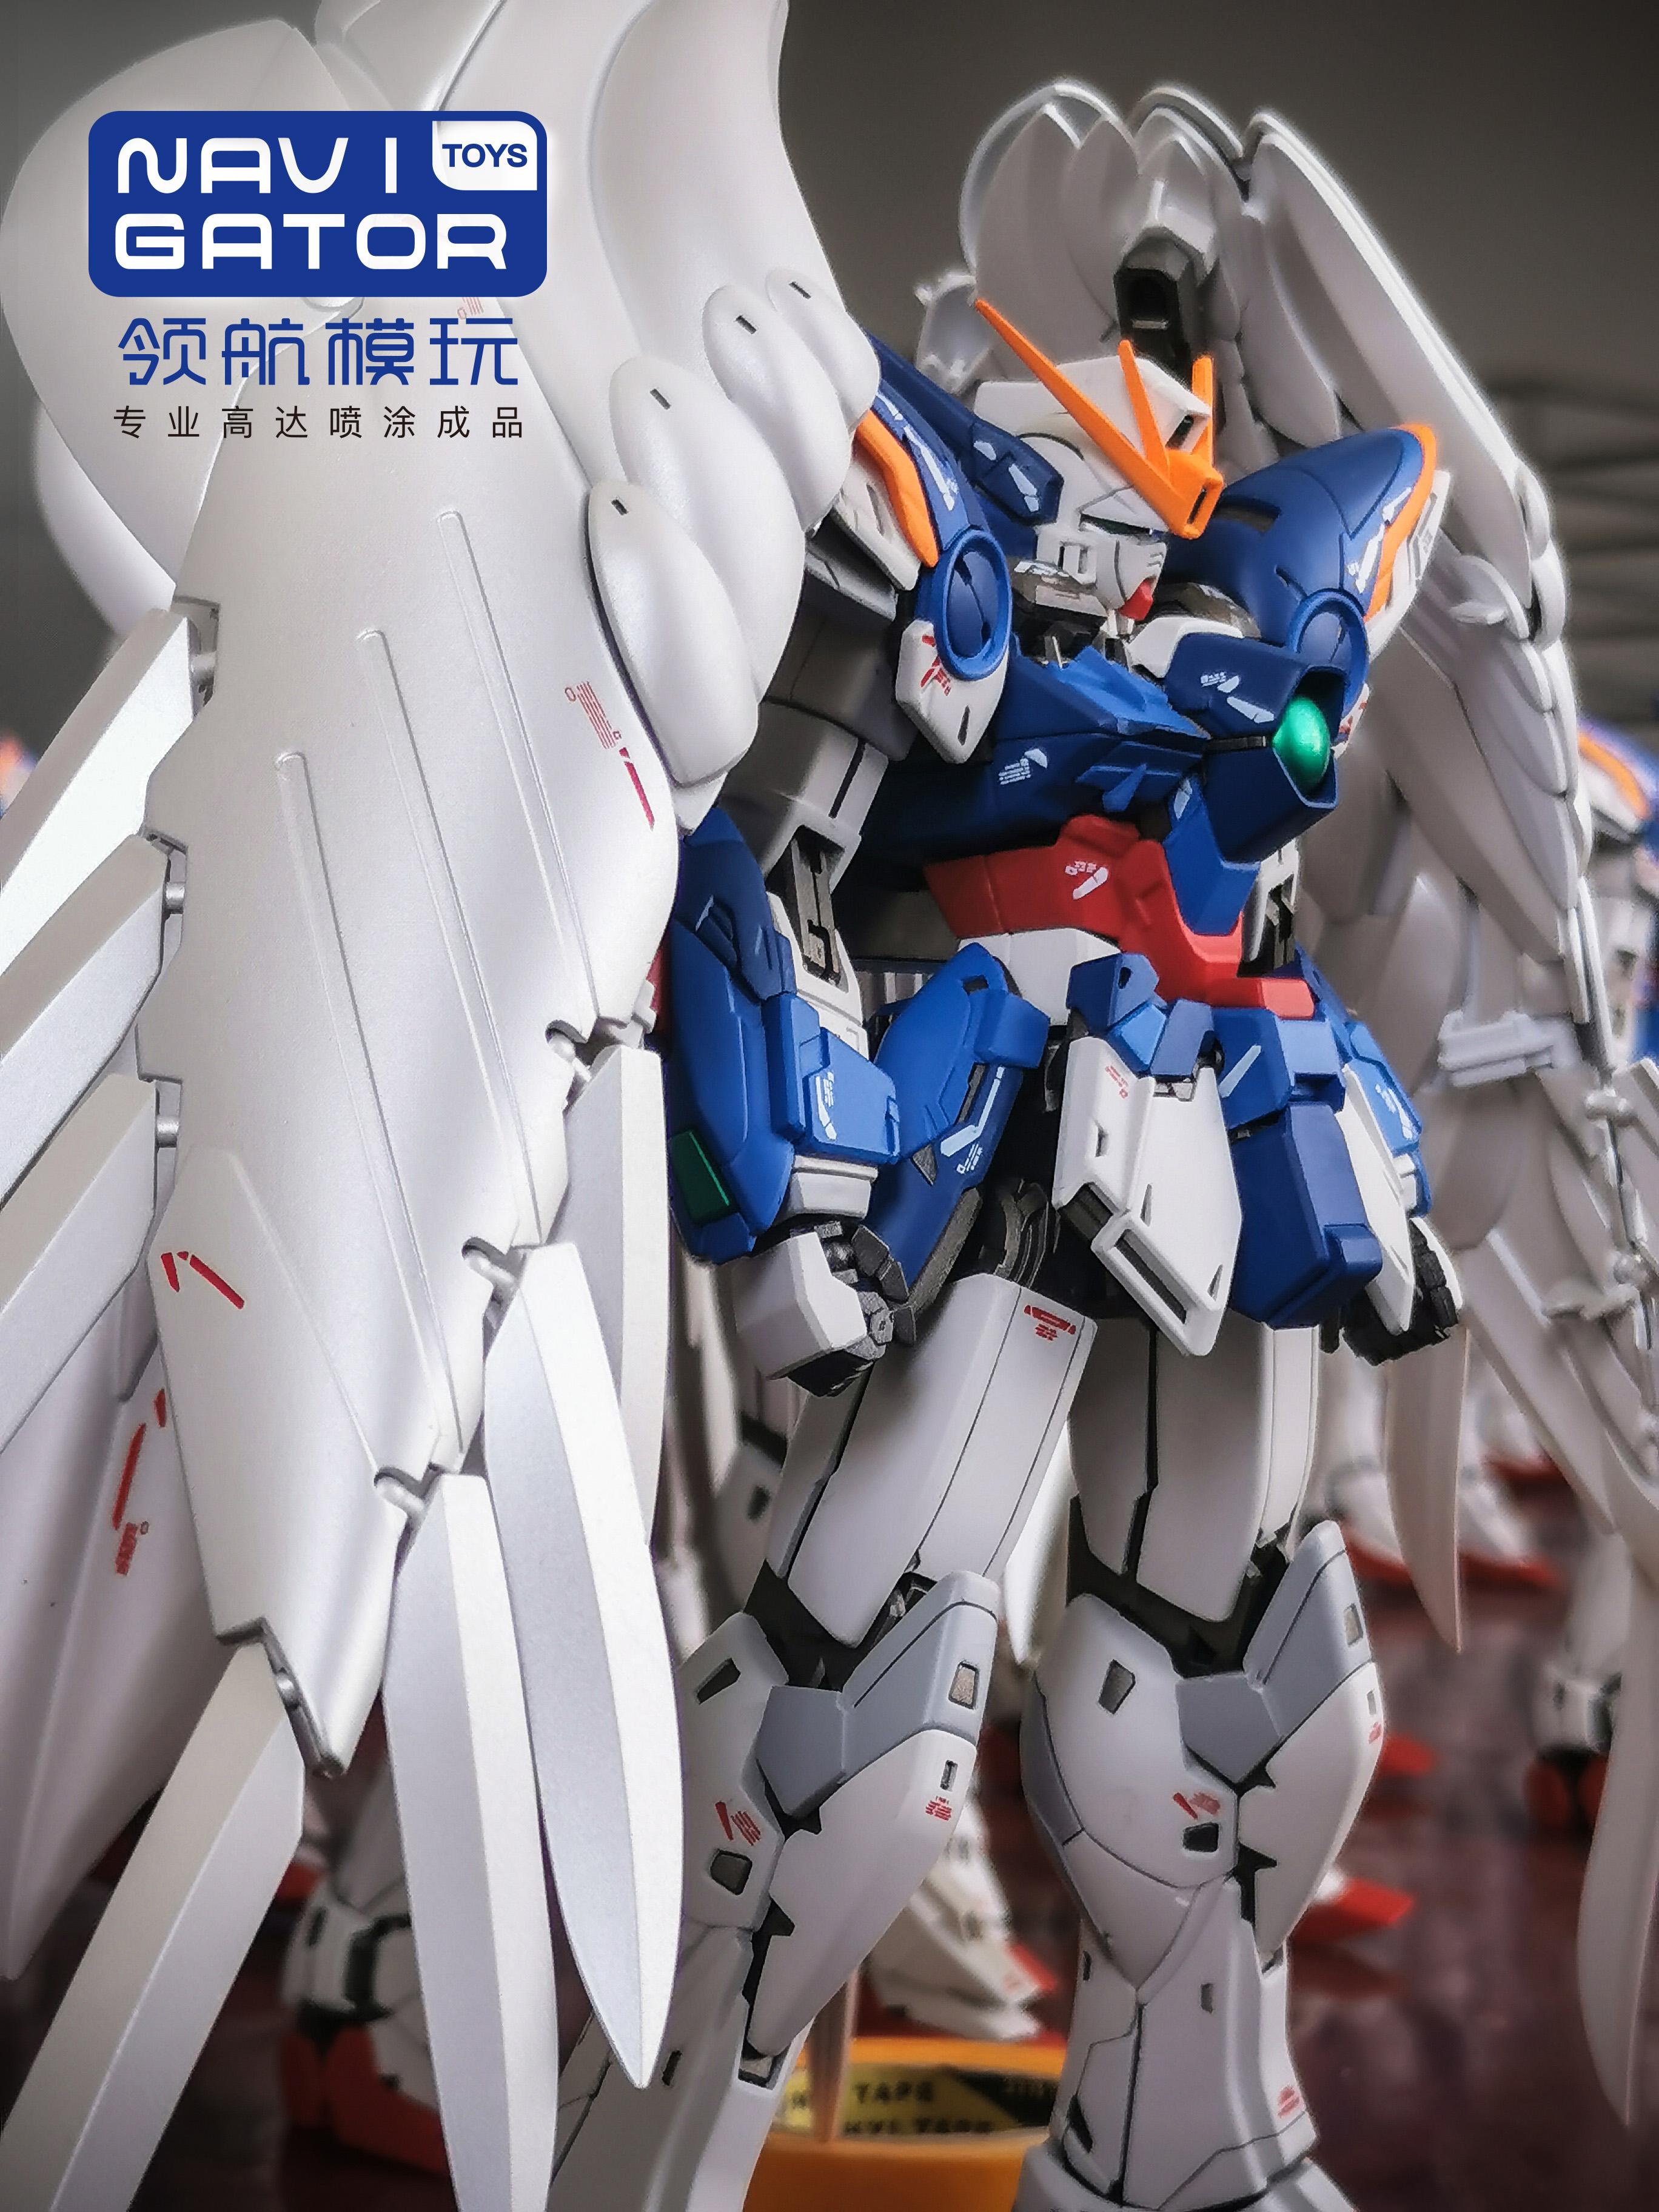 S610_navigator_MG_wingzero_001.jpg